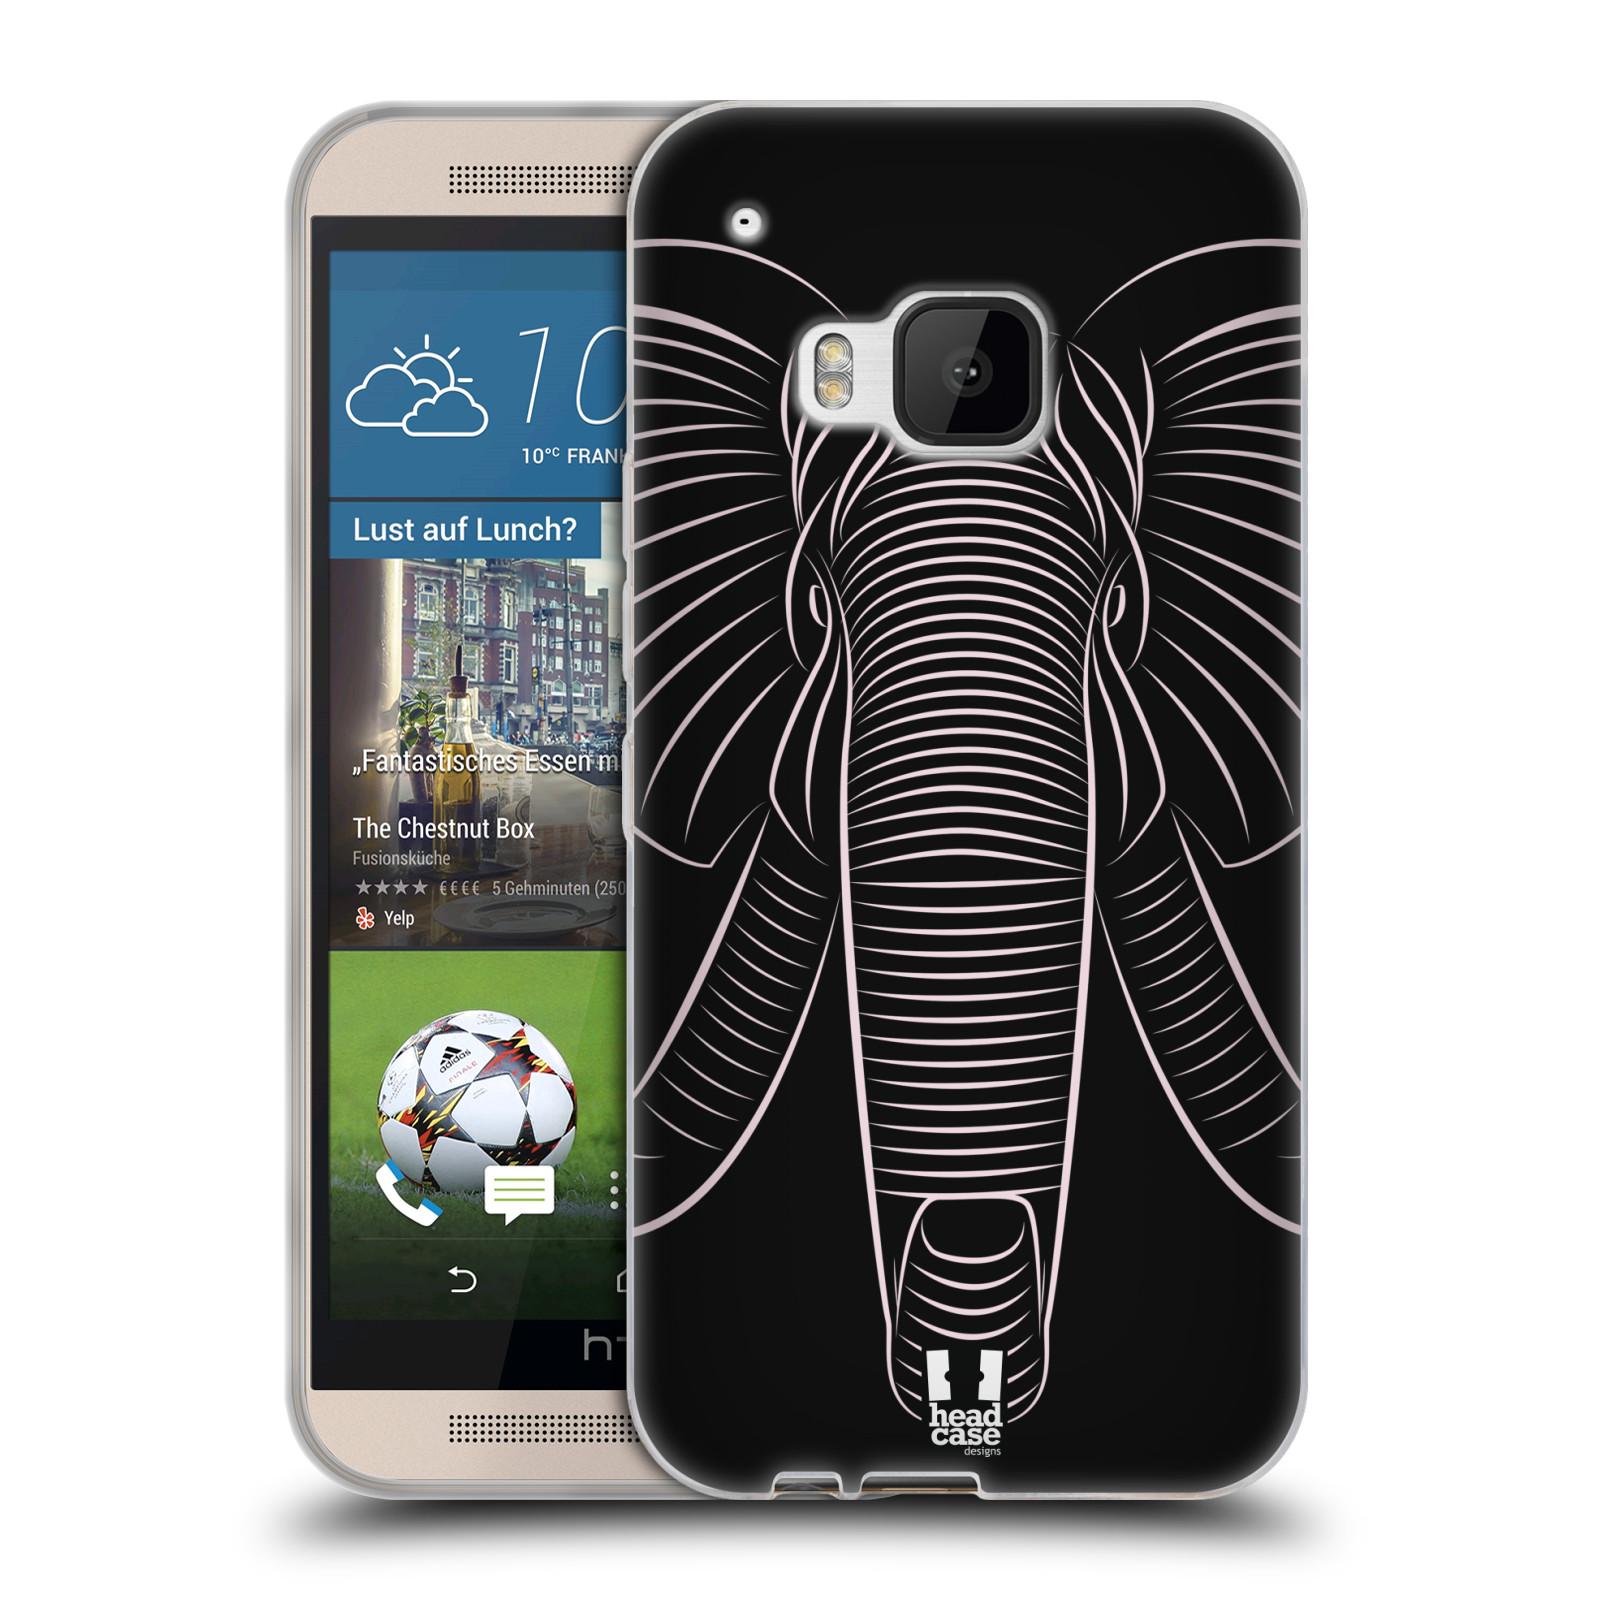 HEAD-CASE-DESIGNS-TIERE-STREIFEN-SOFT-GEL-HULLE-FUR-HTC-HANDYS-1